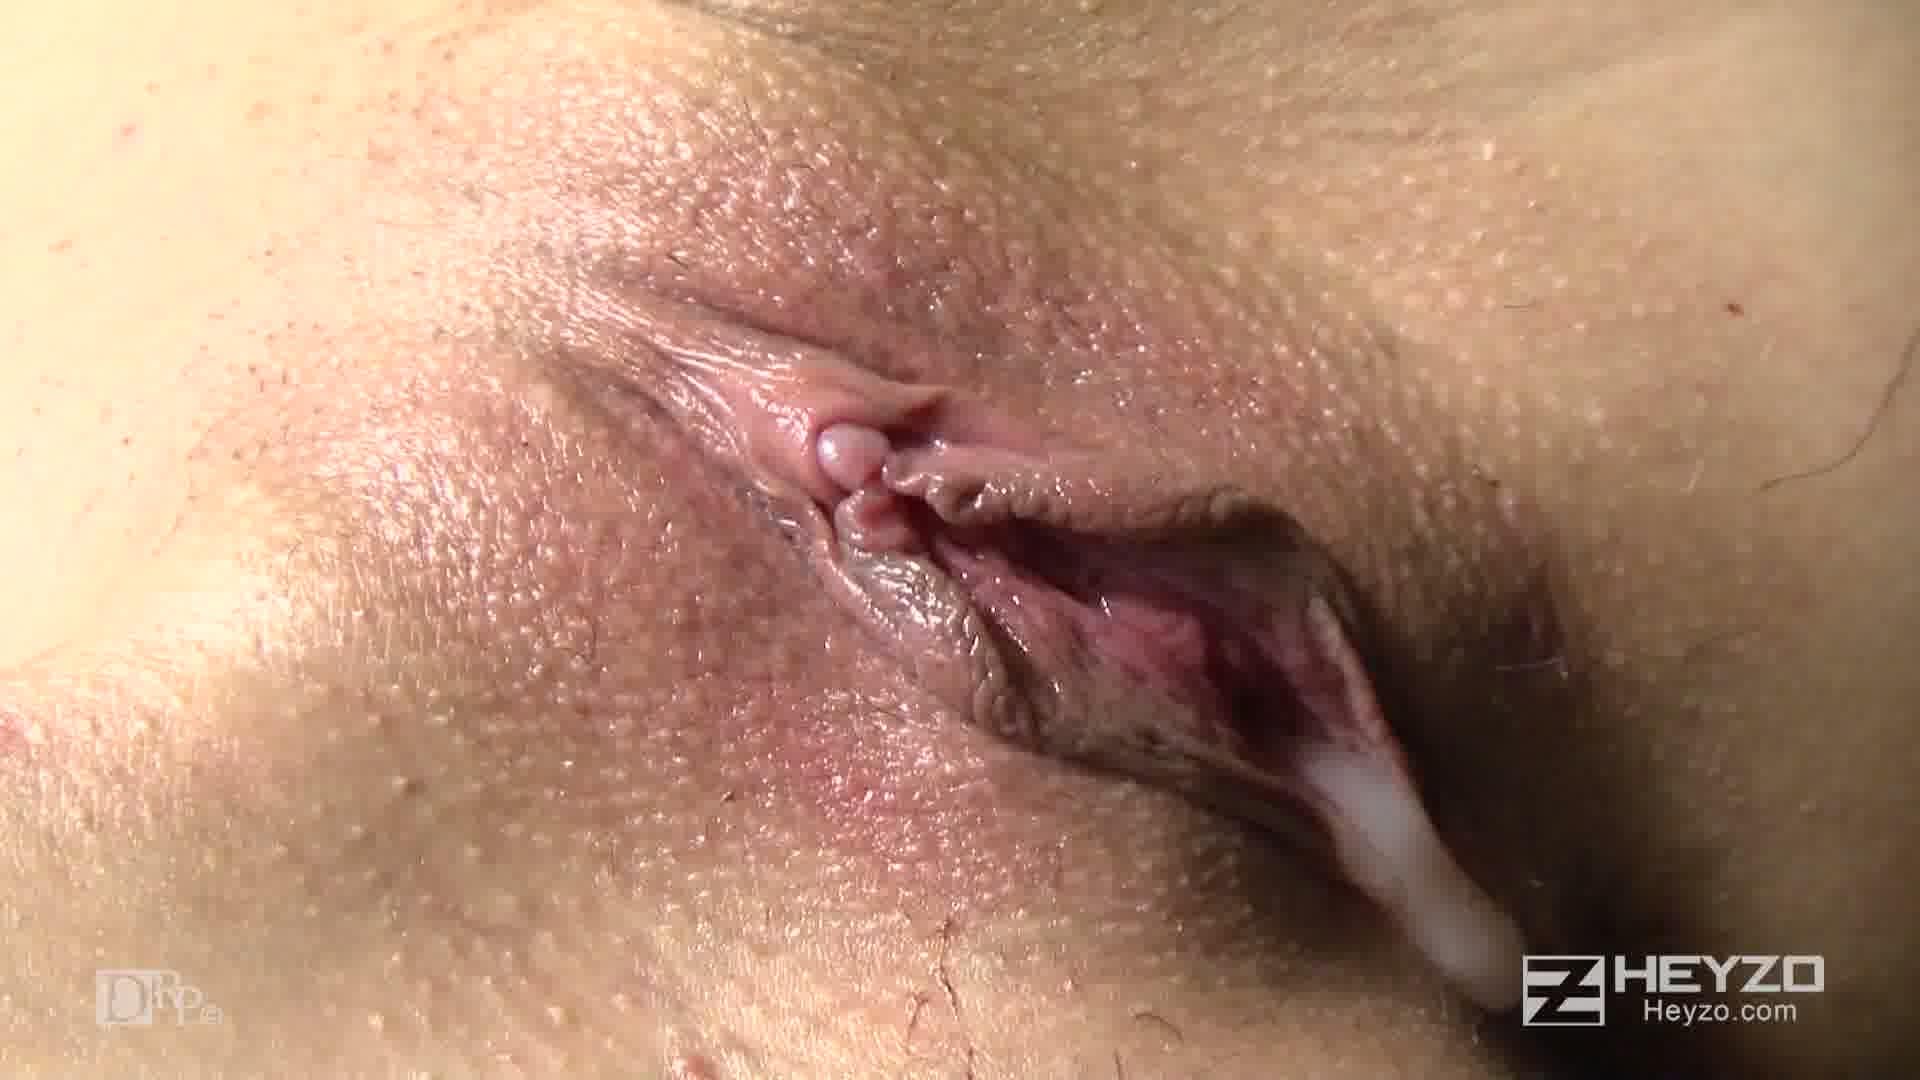 若妻麗香の肉食セックス~男を捕食する薔薇のタトゥー~ - 北原麗香【フェラ 騎乗位 バック 正常位 中出し】